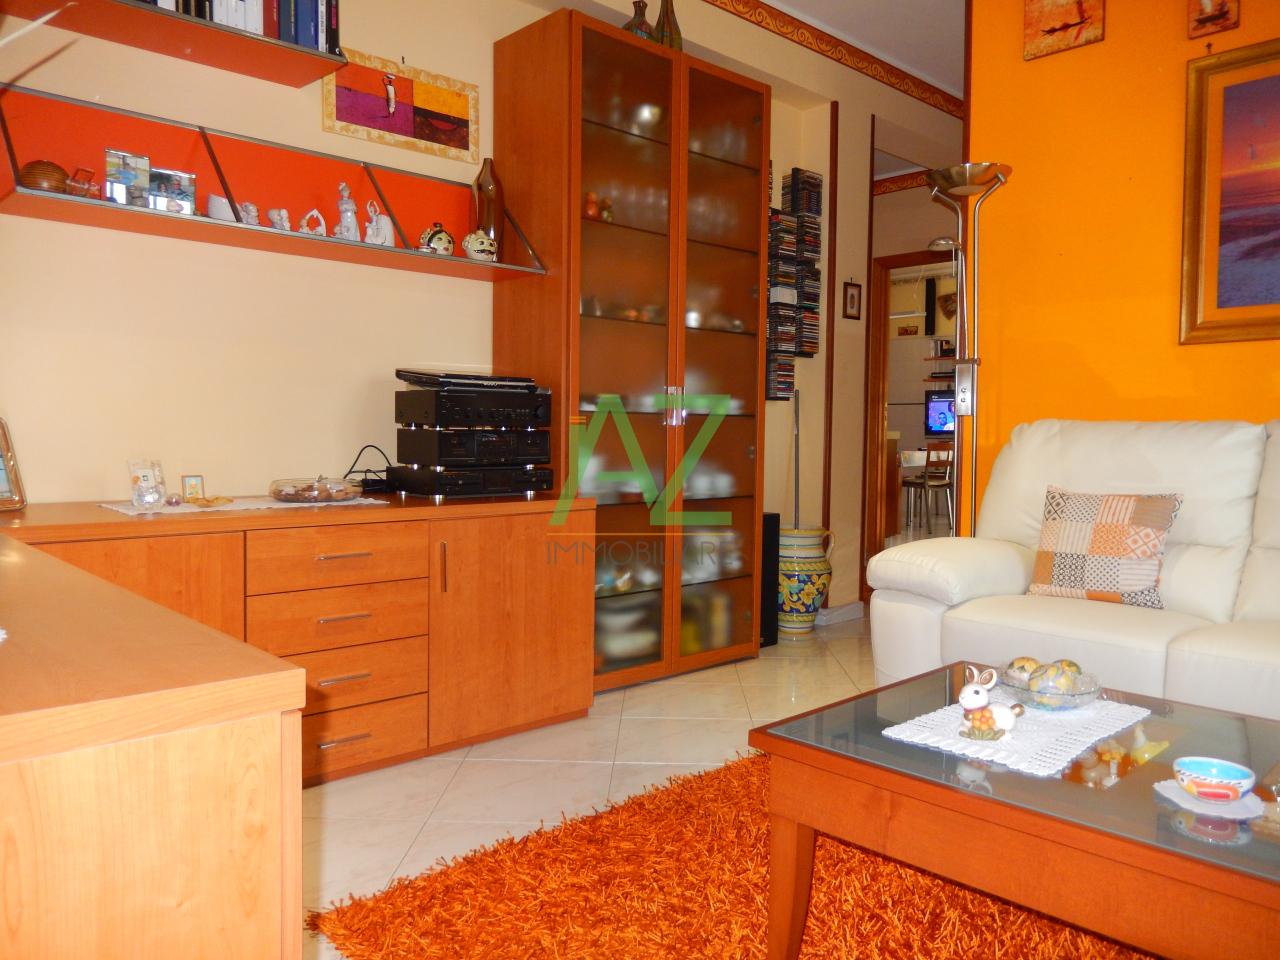 Appartamento in vendita a Aci Sant'Antonio, 4 locali, prezzo € 120.000 | Cambio Casa.it